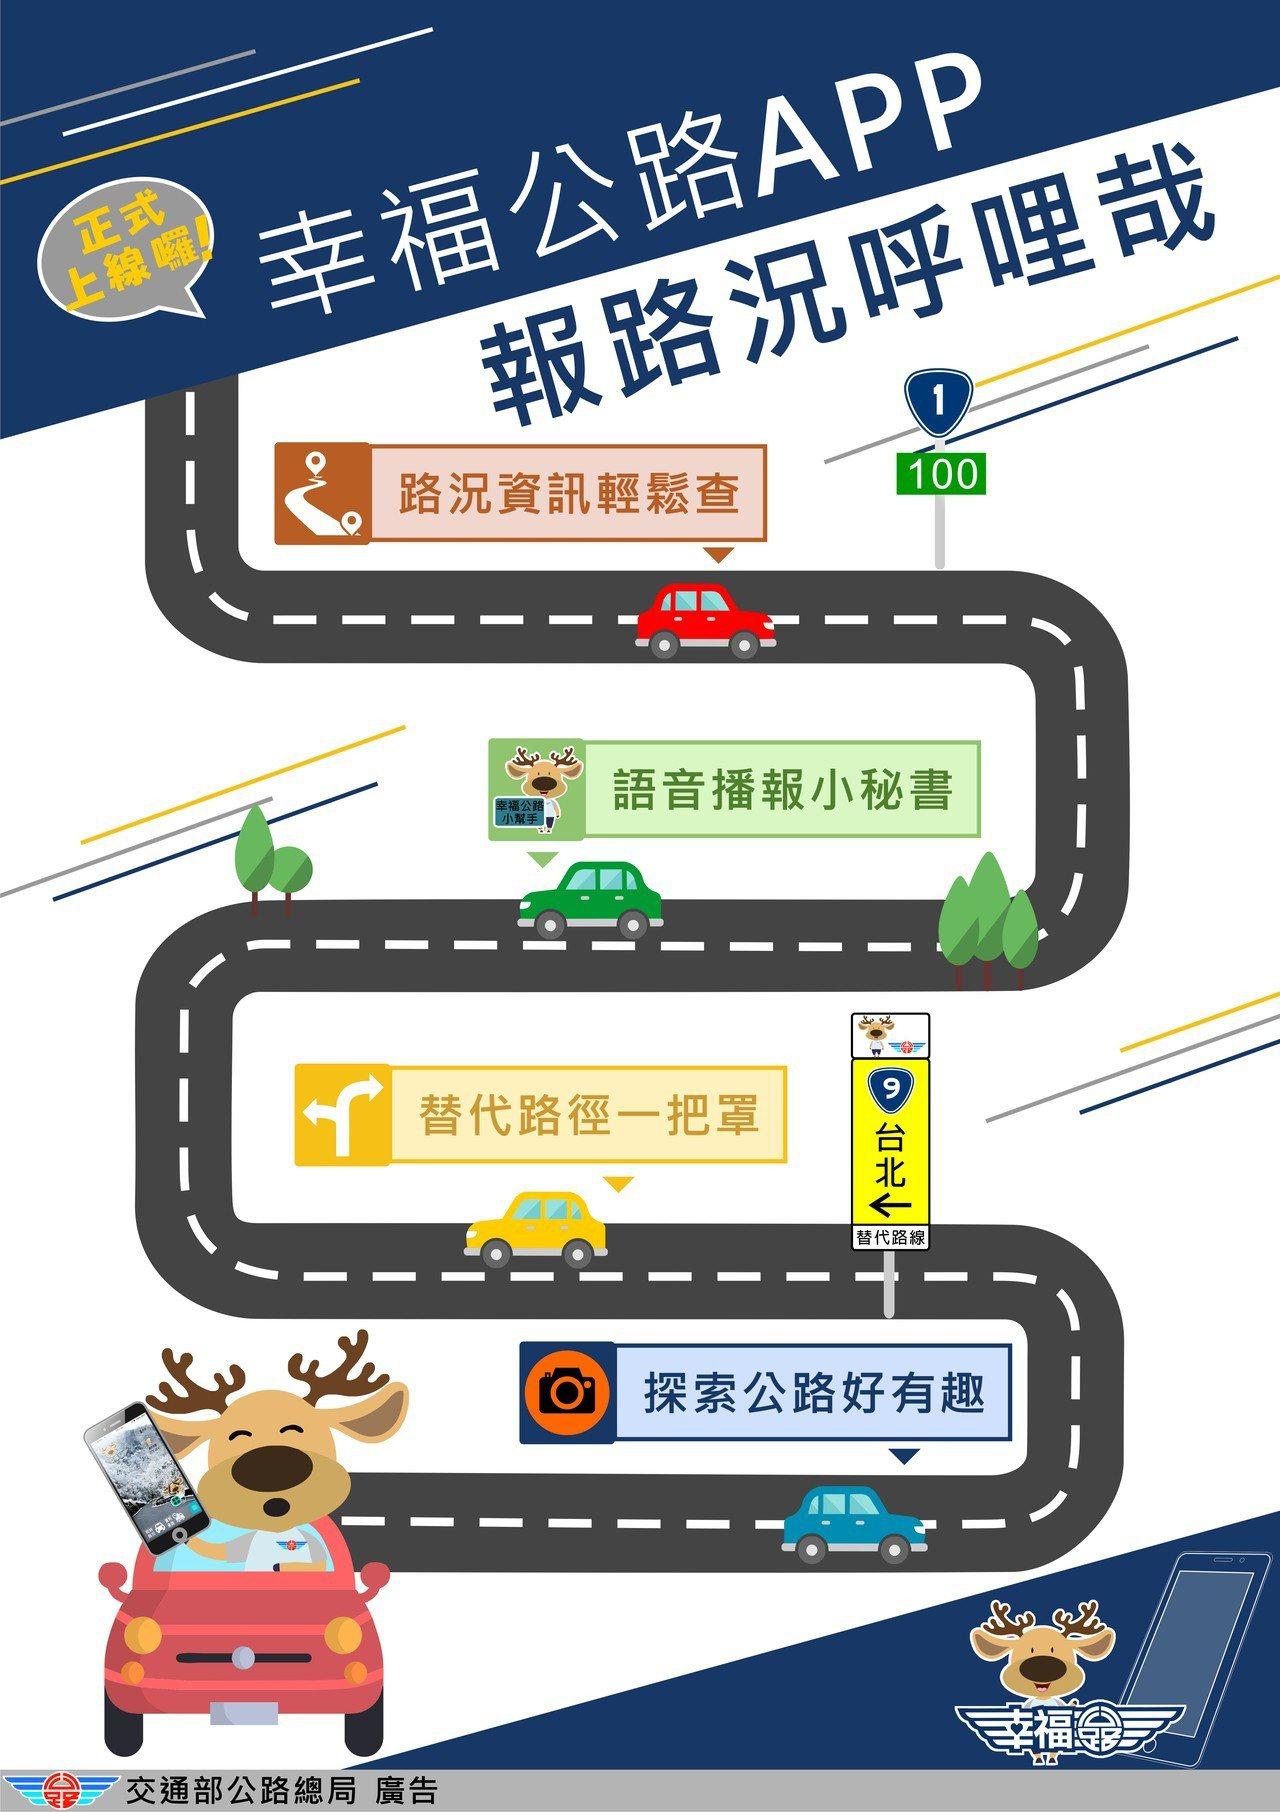 為了讓民眾更快速掌握最新交通資訊,公路總局今年推出「幸福公路」APP。圖/公路總...